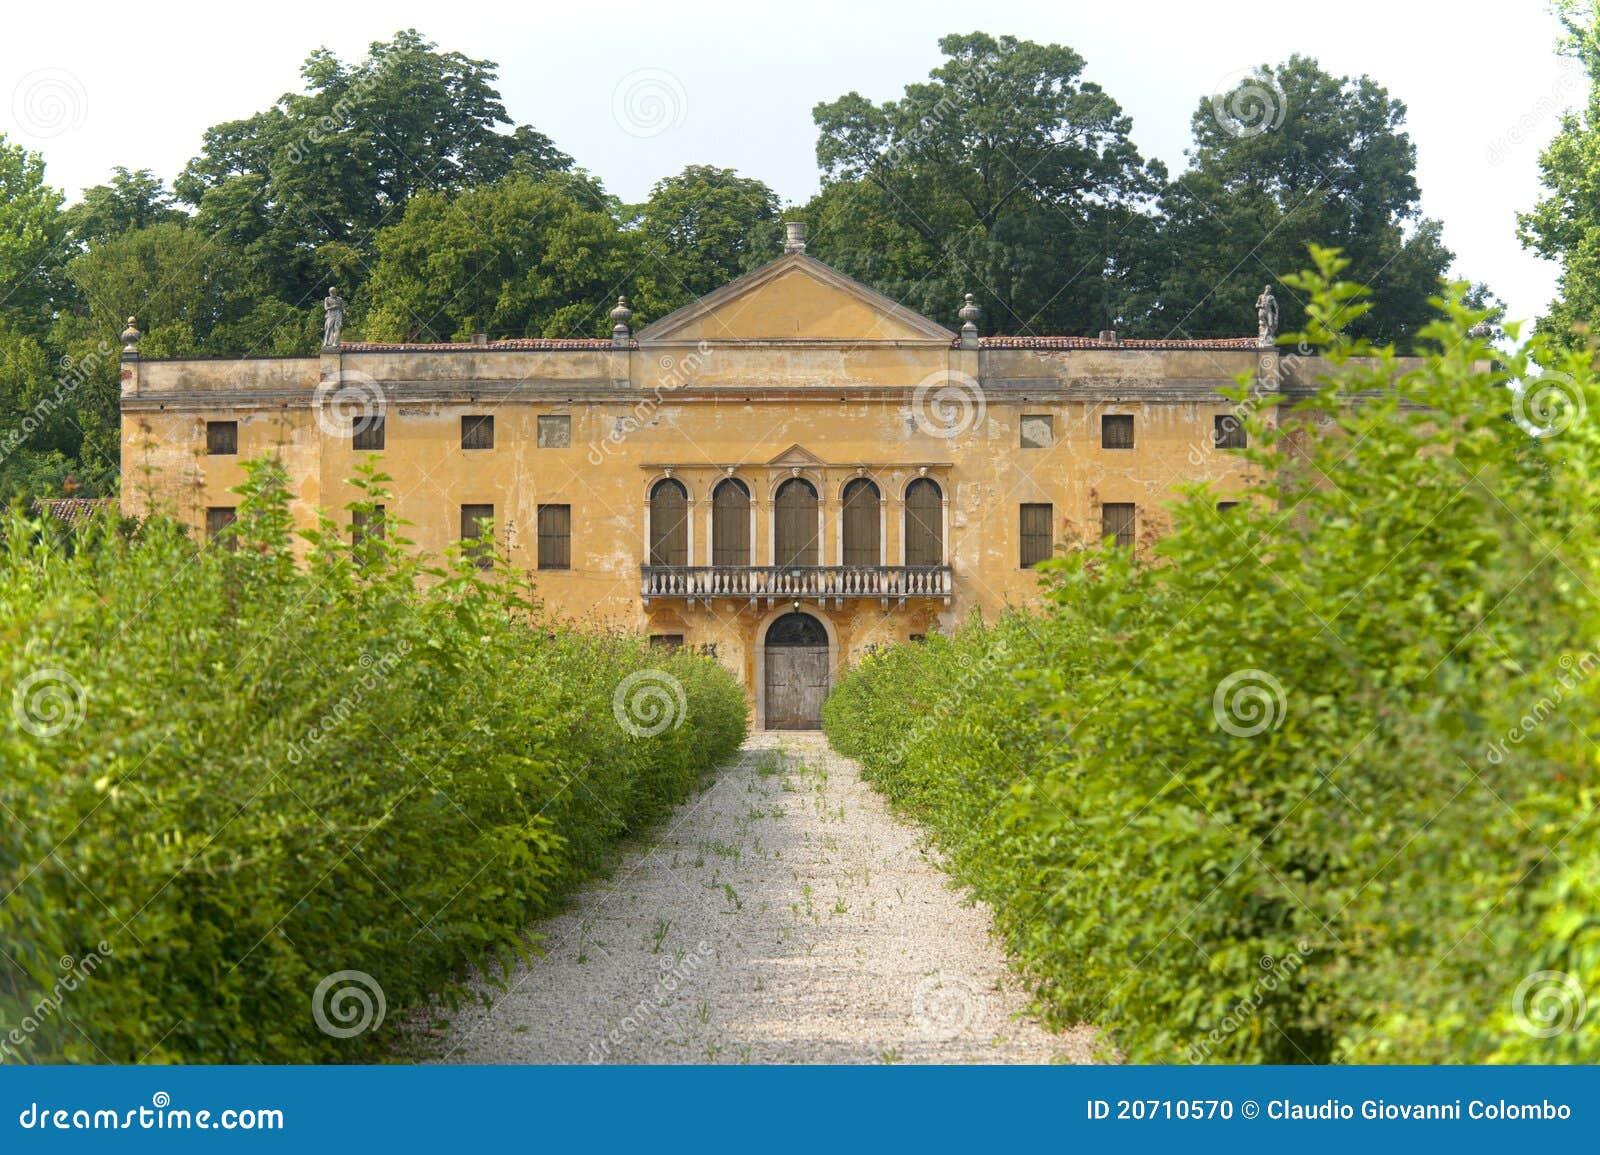 Colli Euganei (Veneto, Italy), Ancient villa